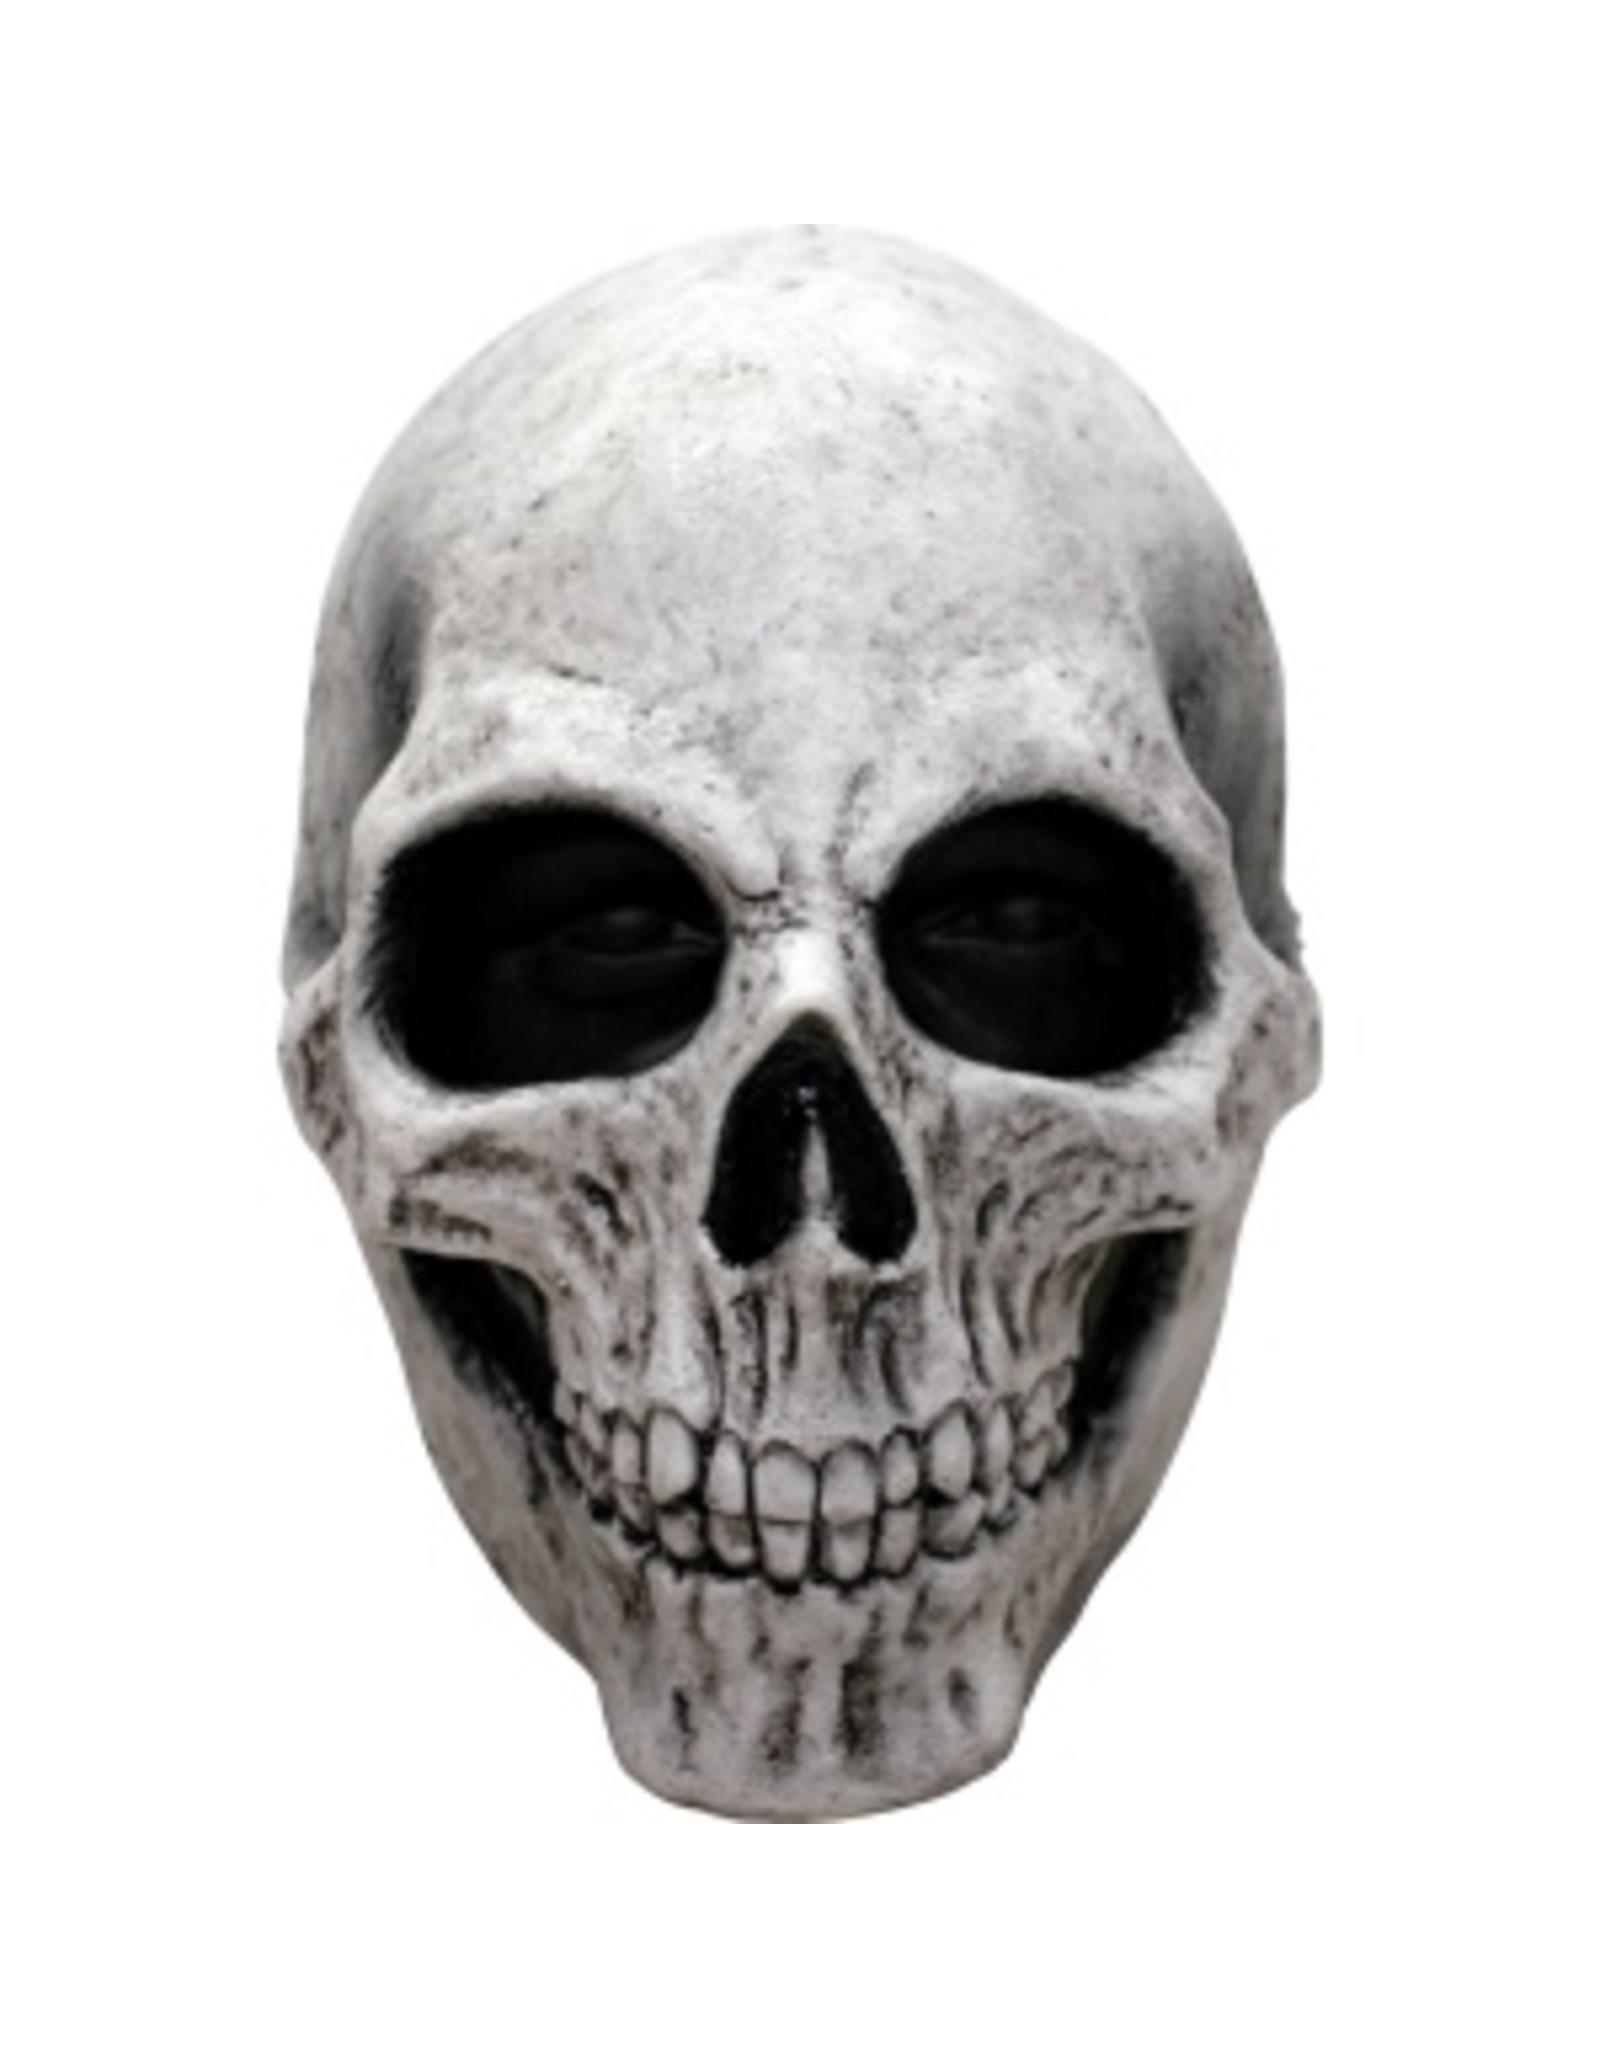 Ghoulish White Skull Mask